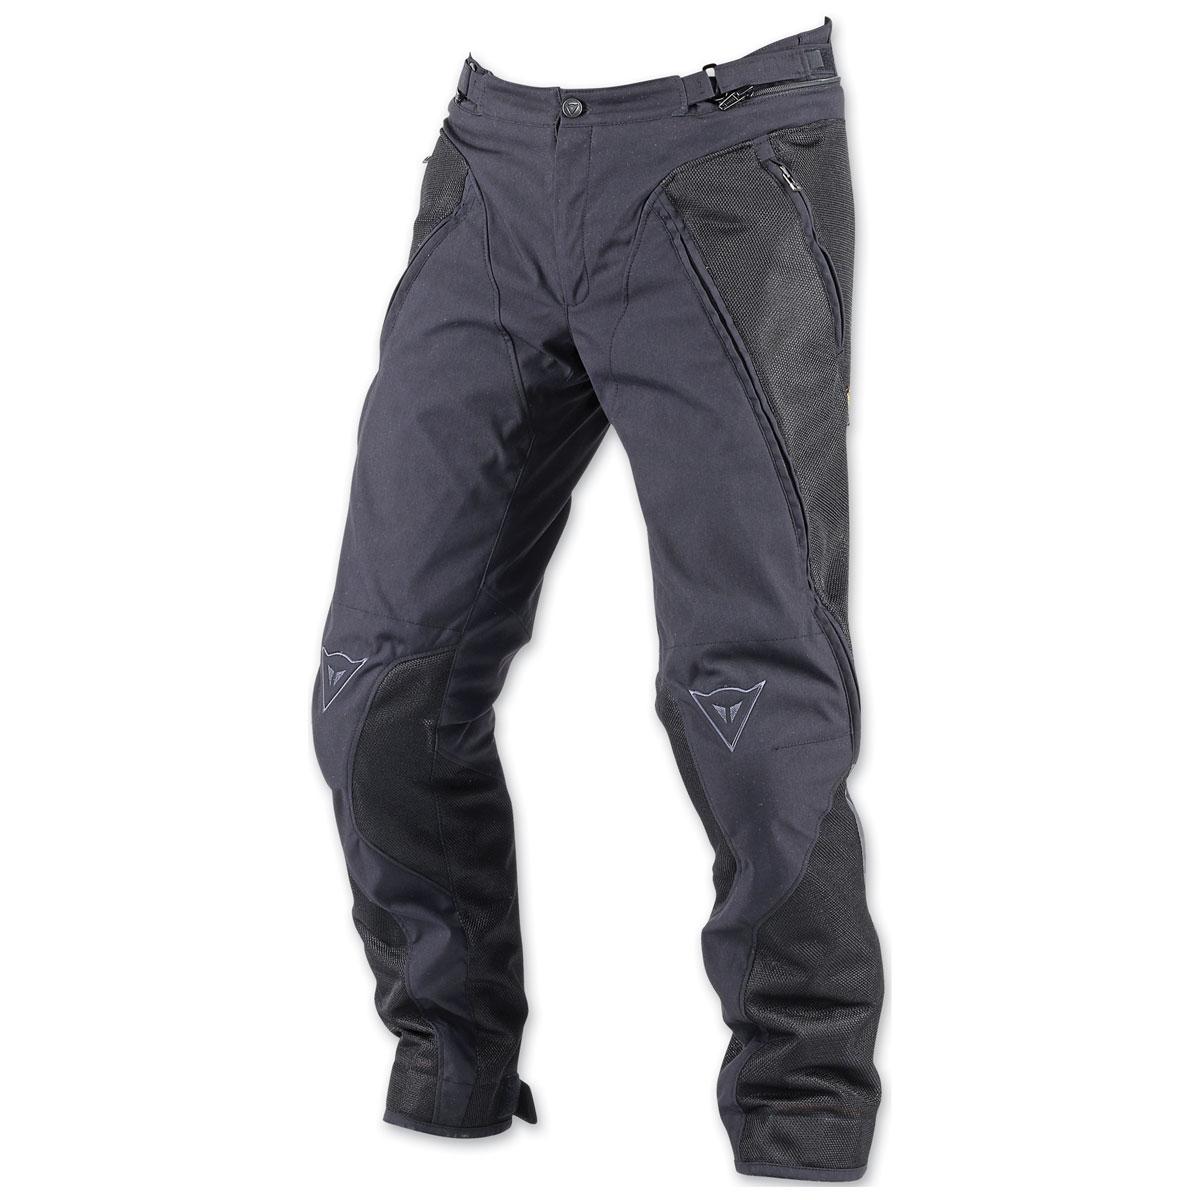 Dainese Men's Over Flux Black Textile Pants